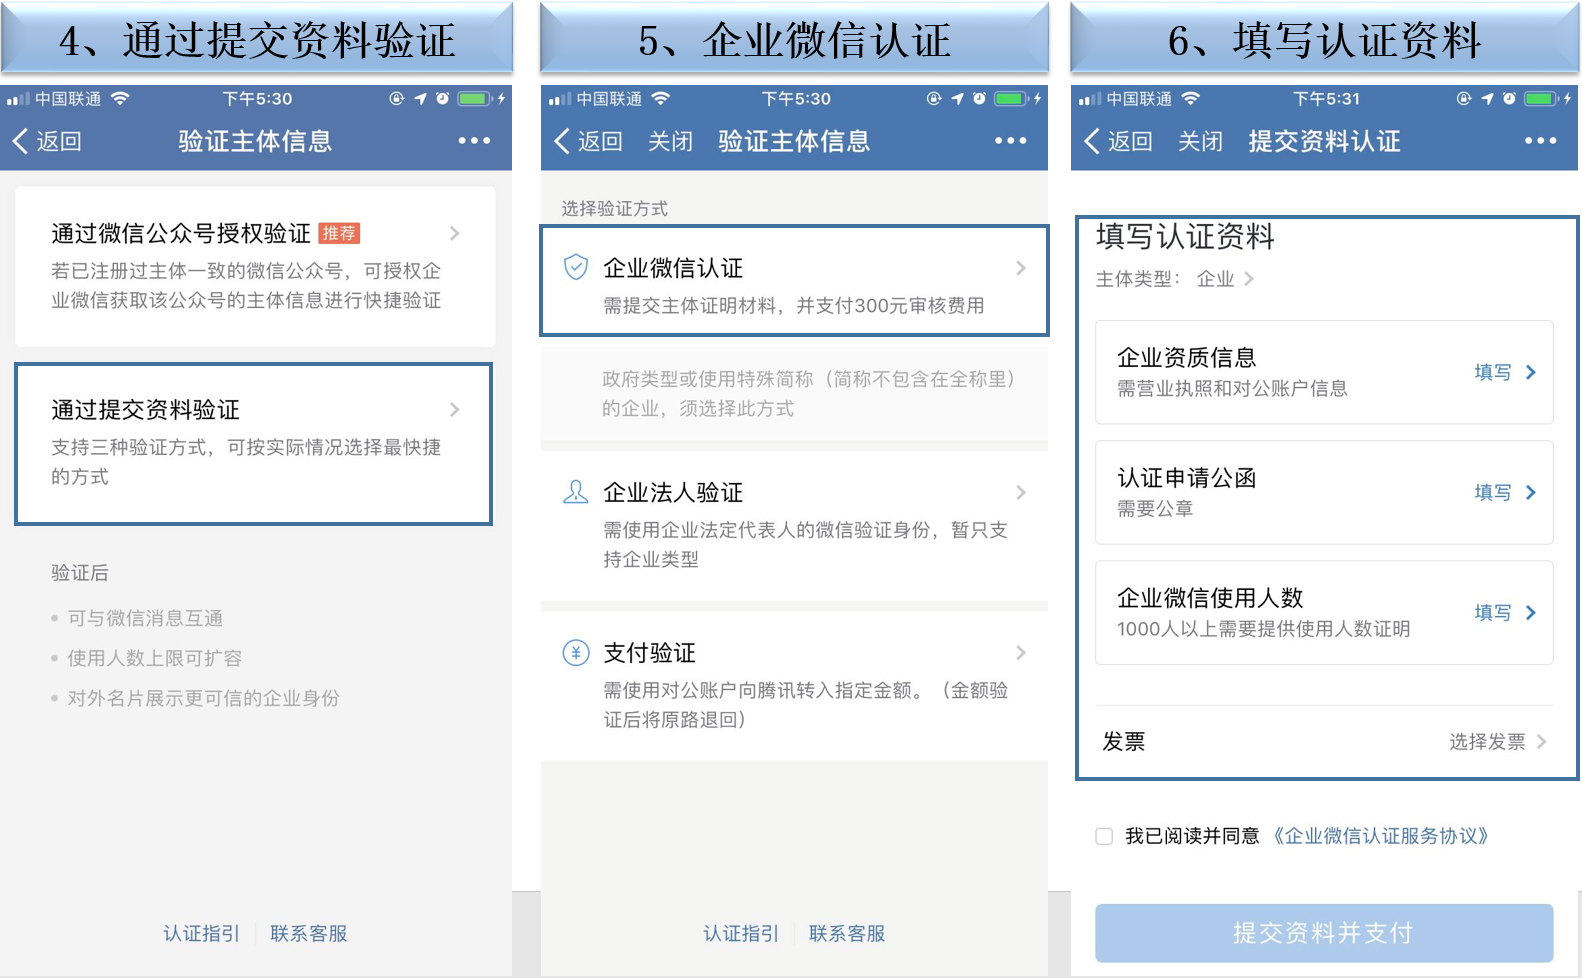 企业法人类型完成企业微信认证手机端申请流程,需要准备哪些资料?